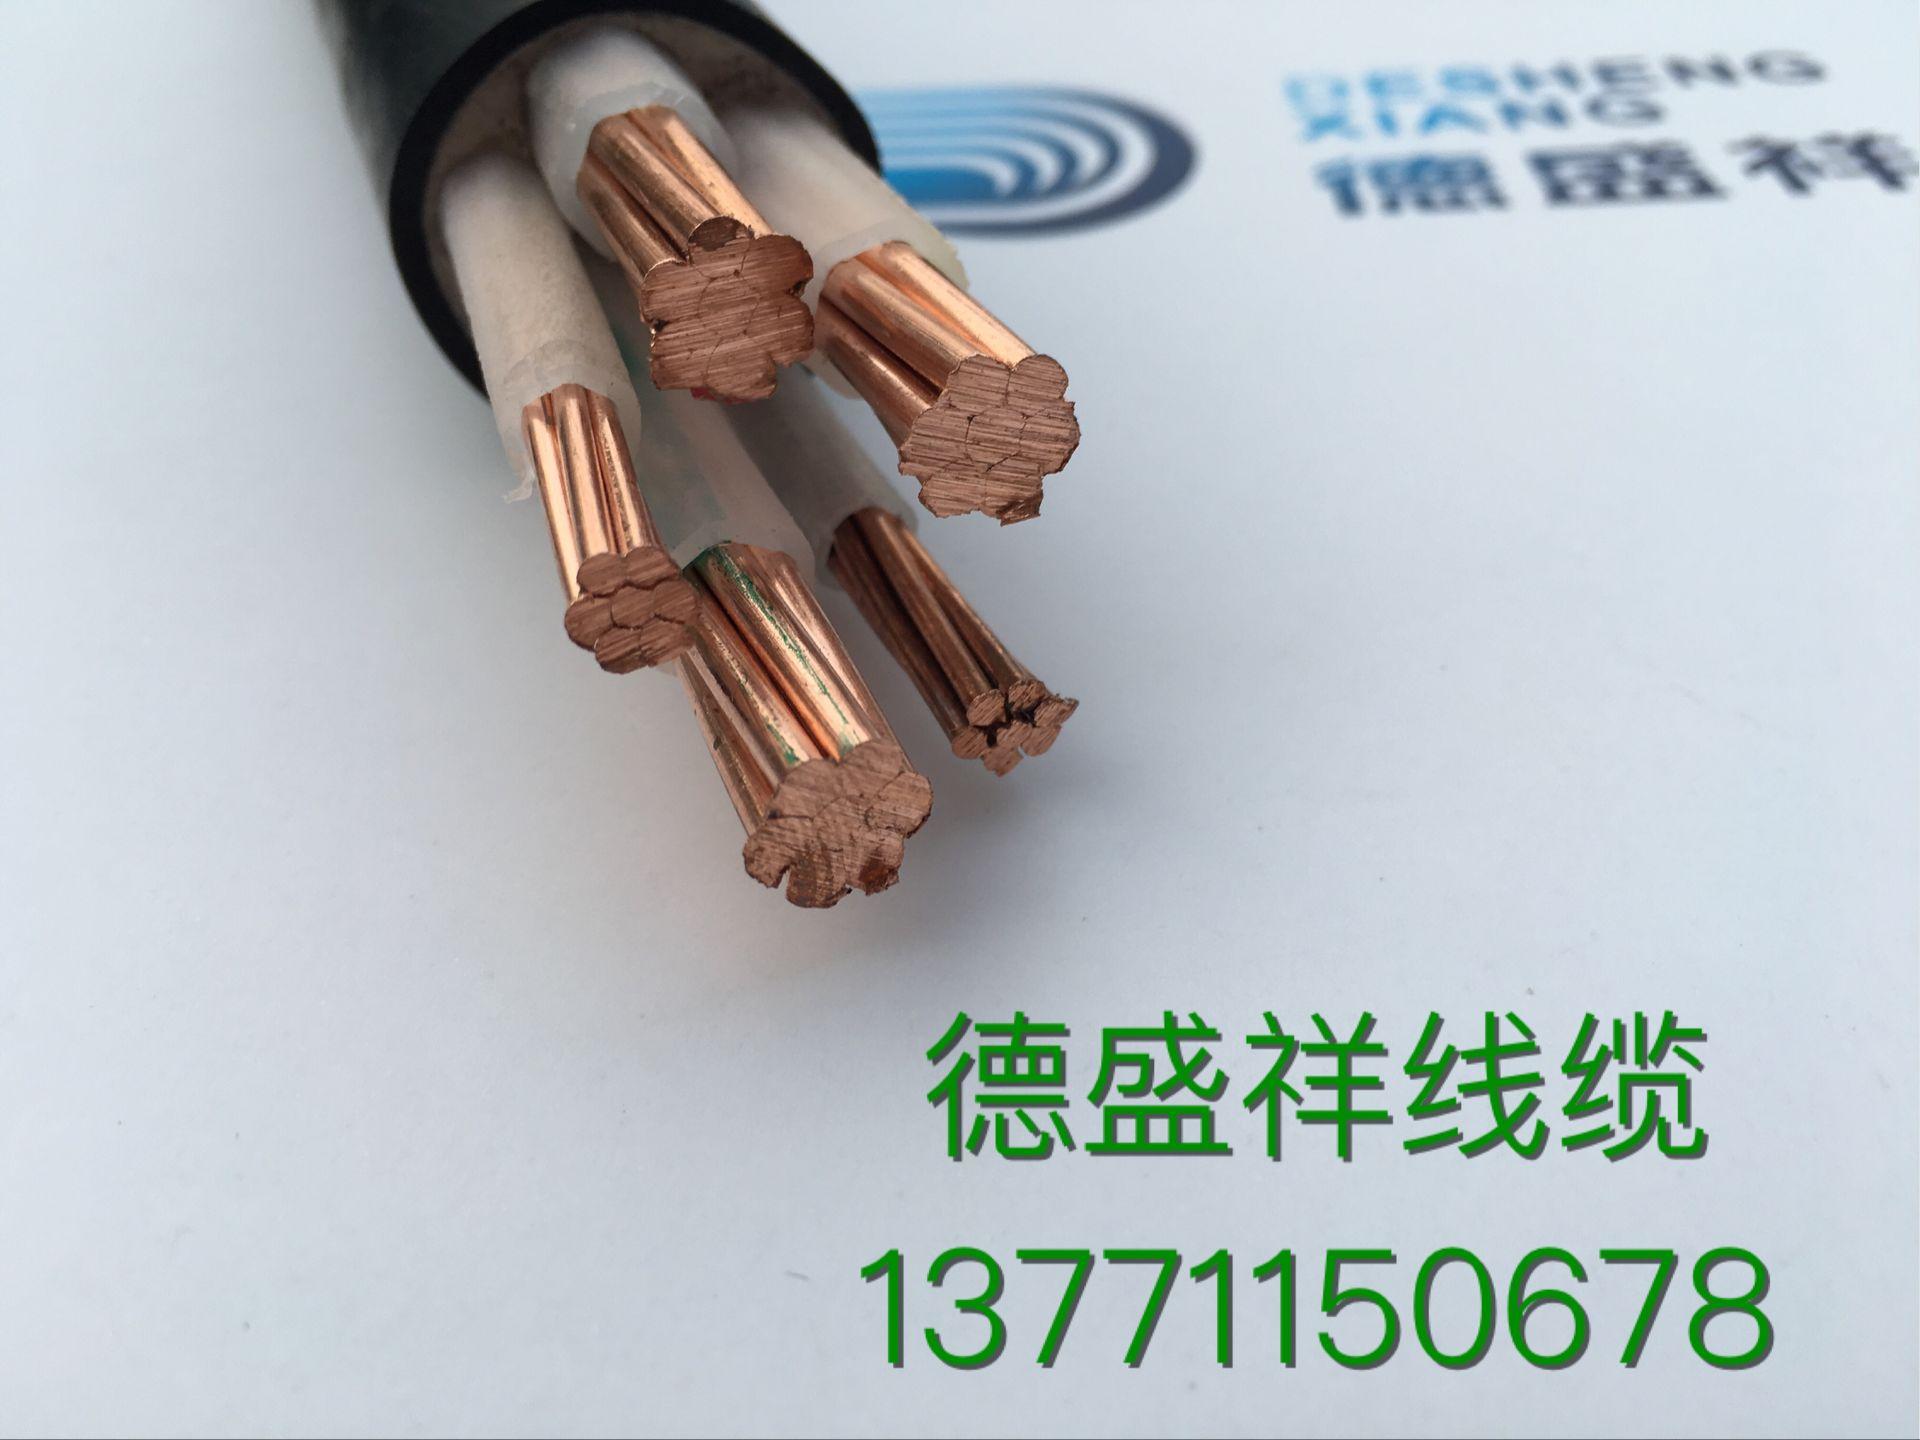 25平方电线电缆3相5线ZR-YJV/VV3*25+2*16 动力工业线5芯国标铜线